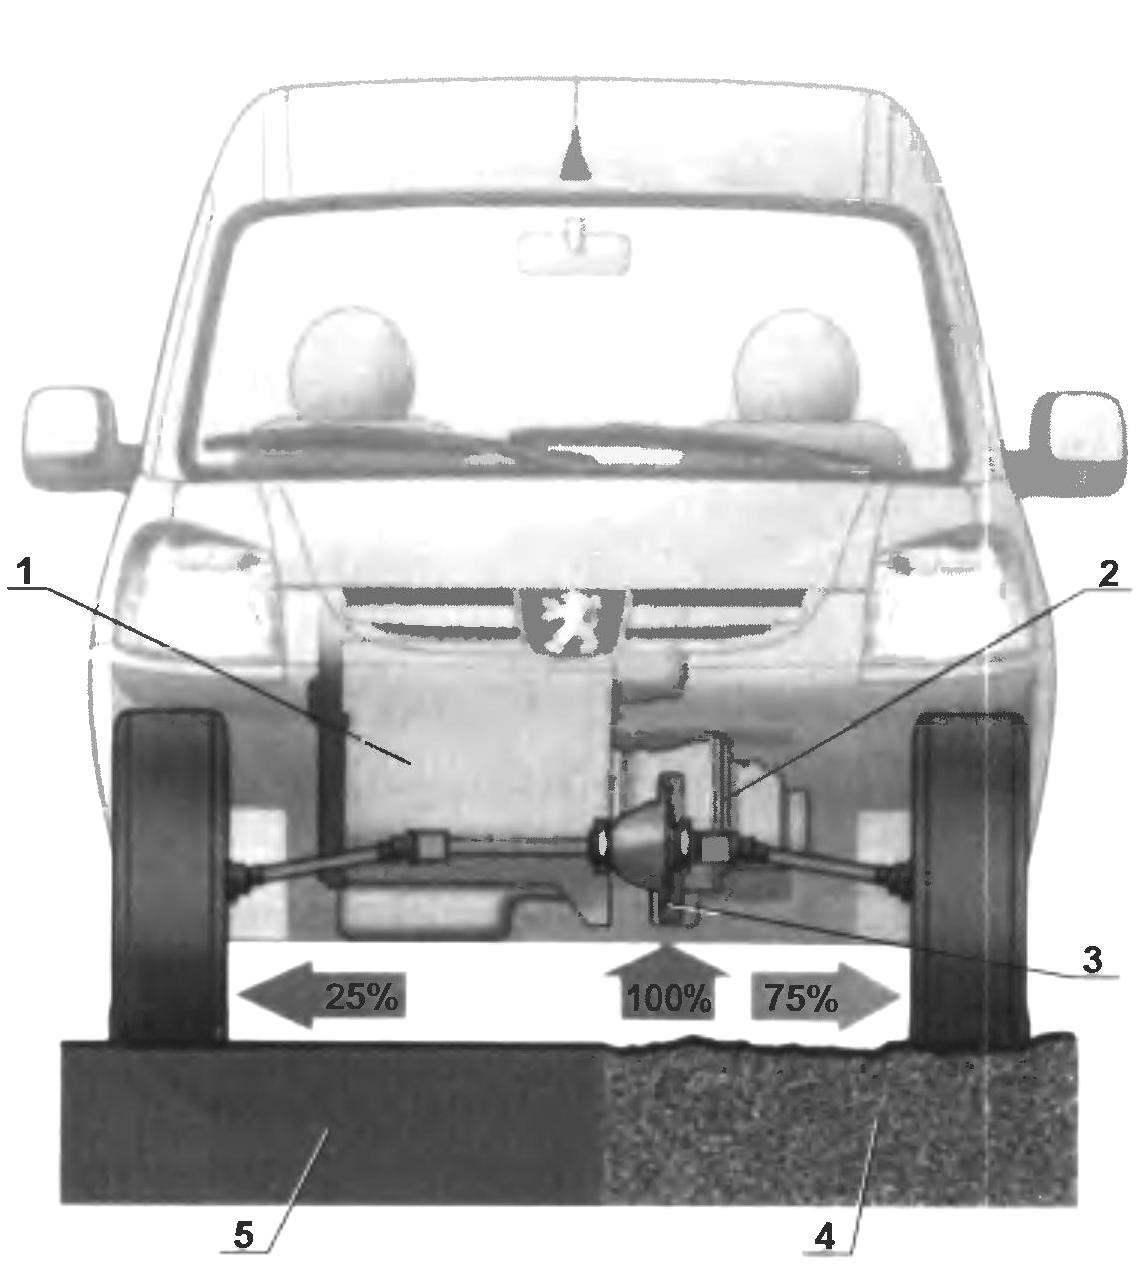 Схема работы трансмиссии с дифференциалом повышенного трения автомобиля PARTNER USHUAIA при попадании одного из колес на скользкую дорогу